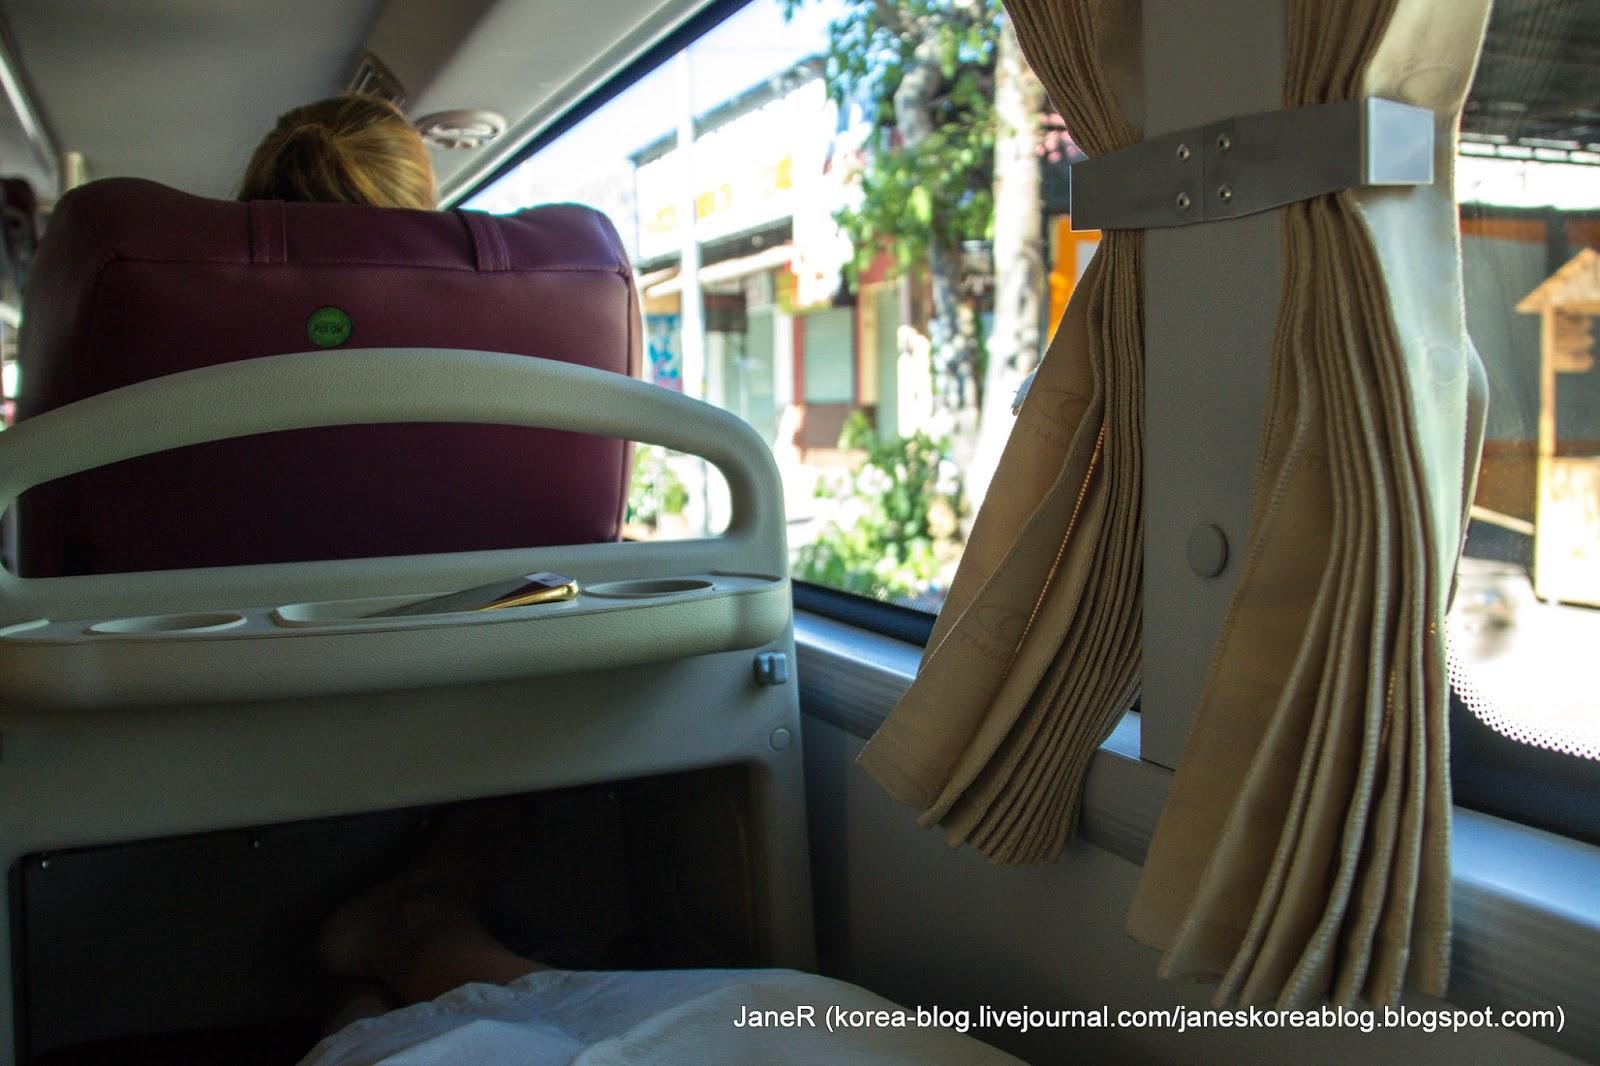 красивая блондинка спит в автобусе красавица села